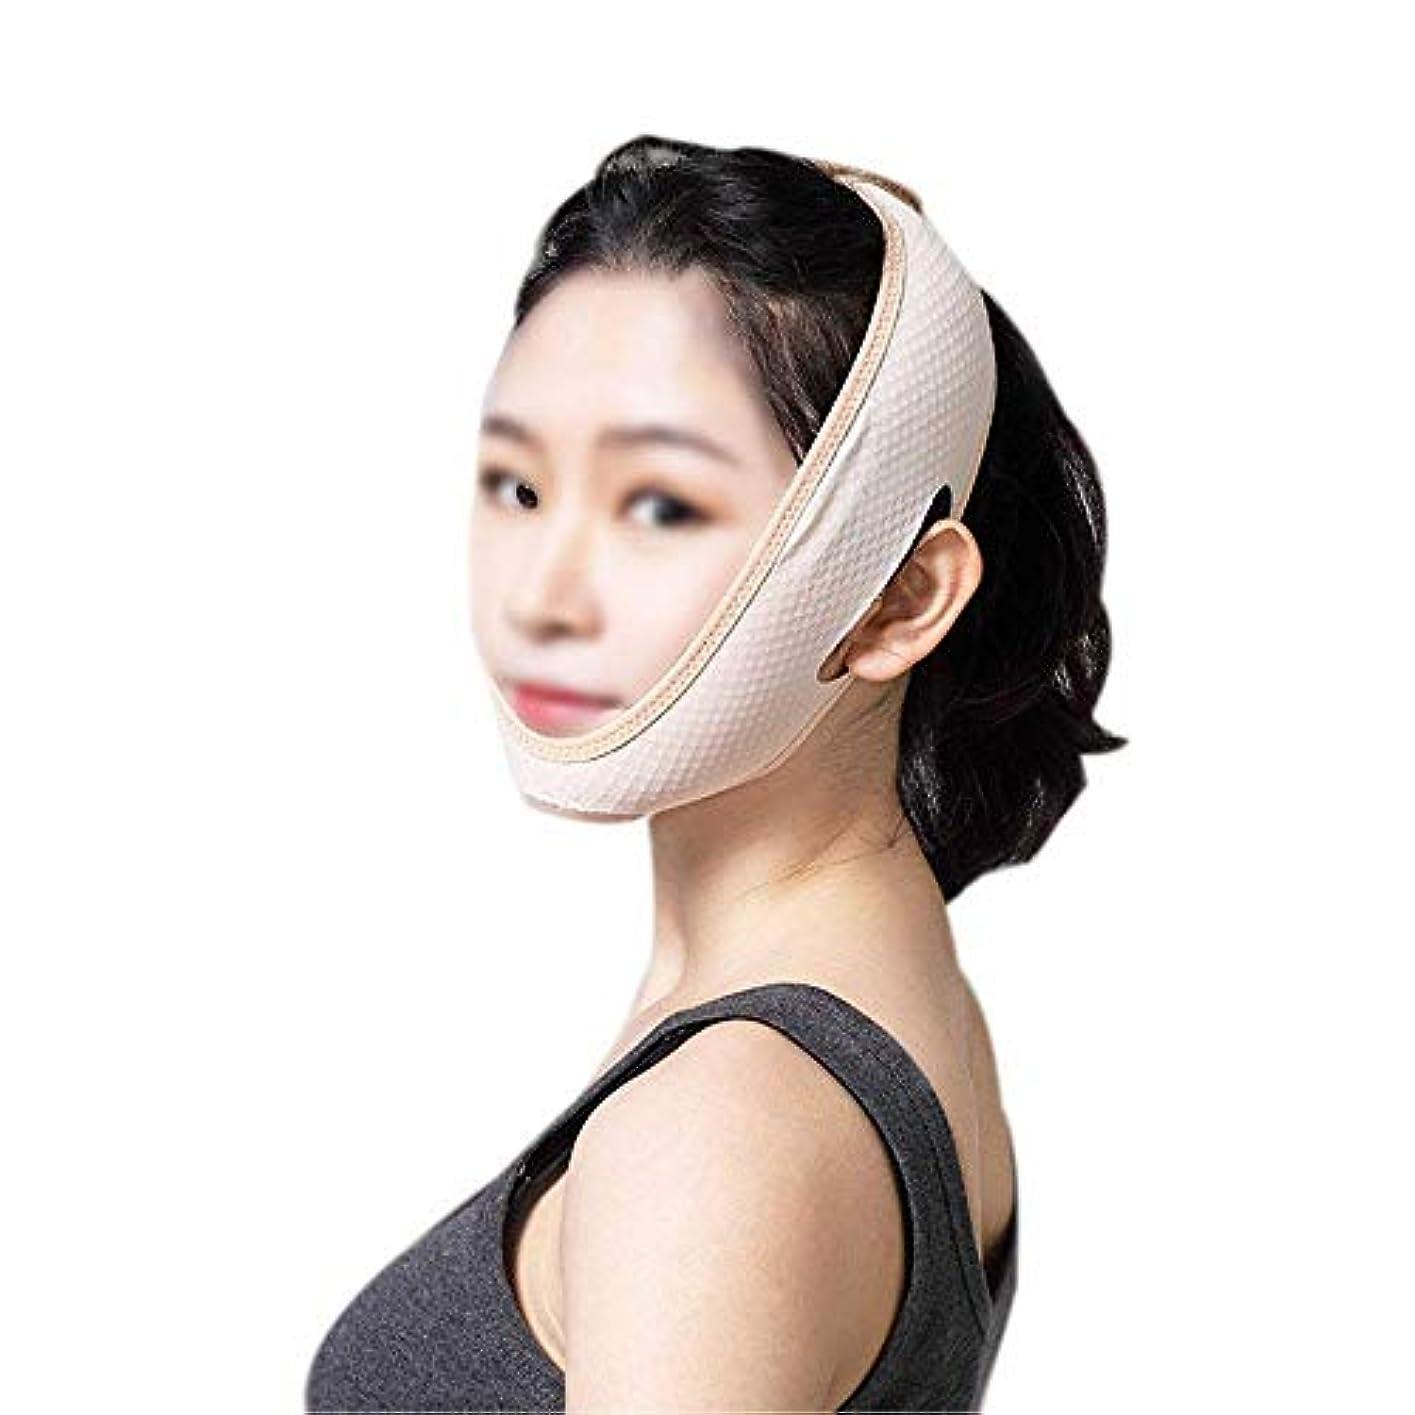 連続的究極のハックフェイスリフティングバンデージ、肌の引き締めを強化する薄いフェイスマスクの睡眠、ダブルチンマスクの削減